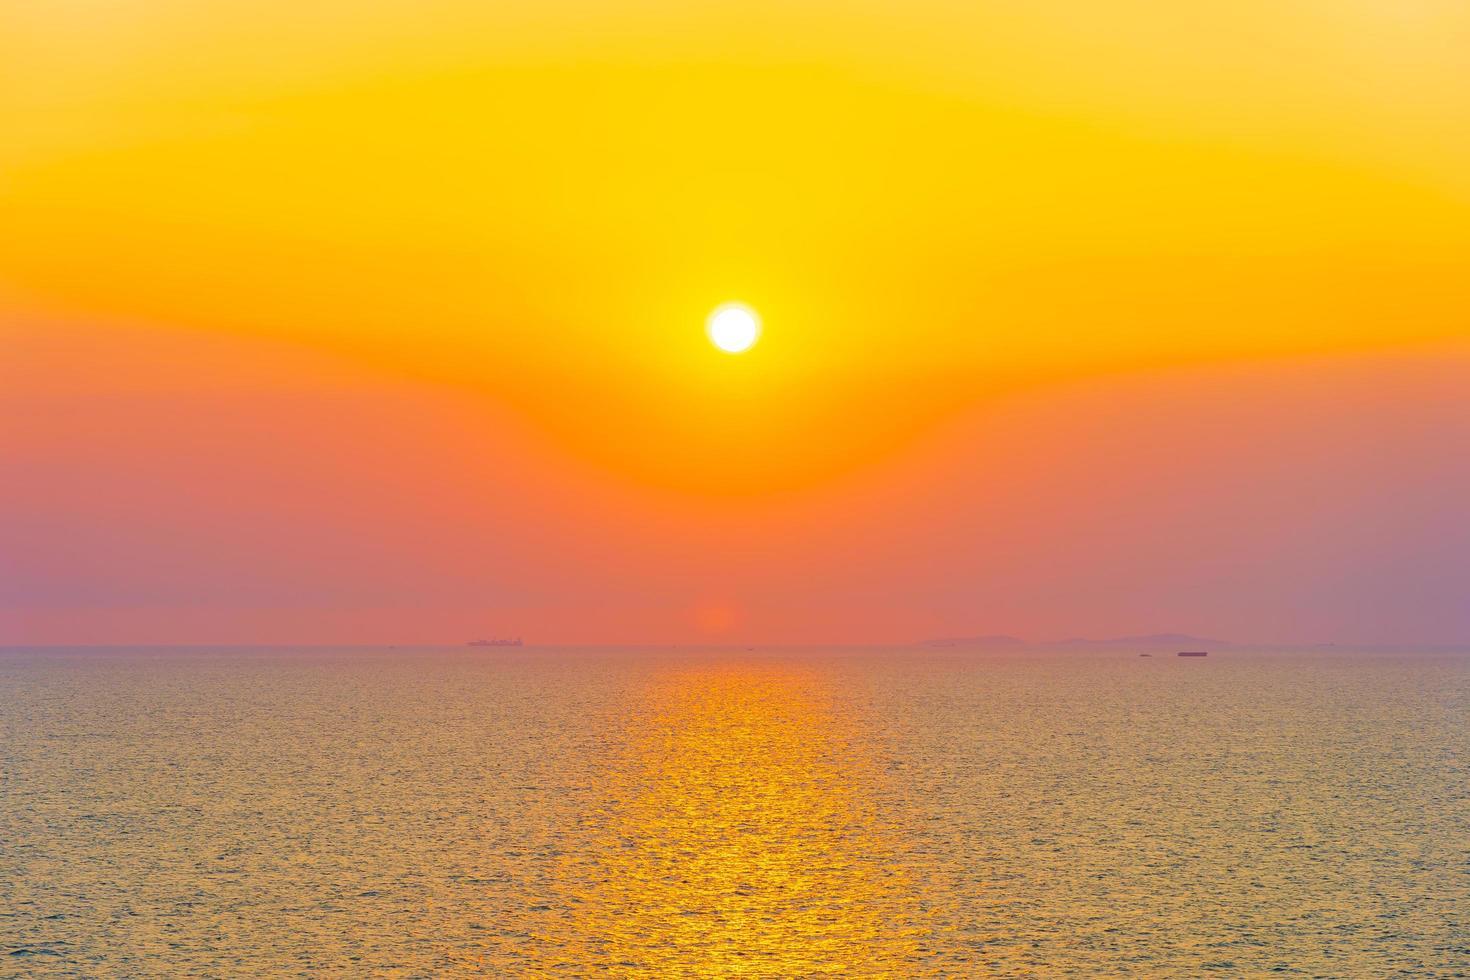 beau coucher de soleil ou lever de soleil à l'océan photo